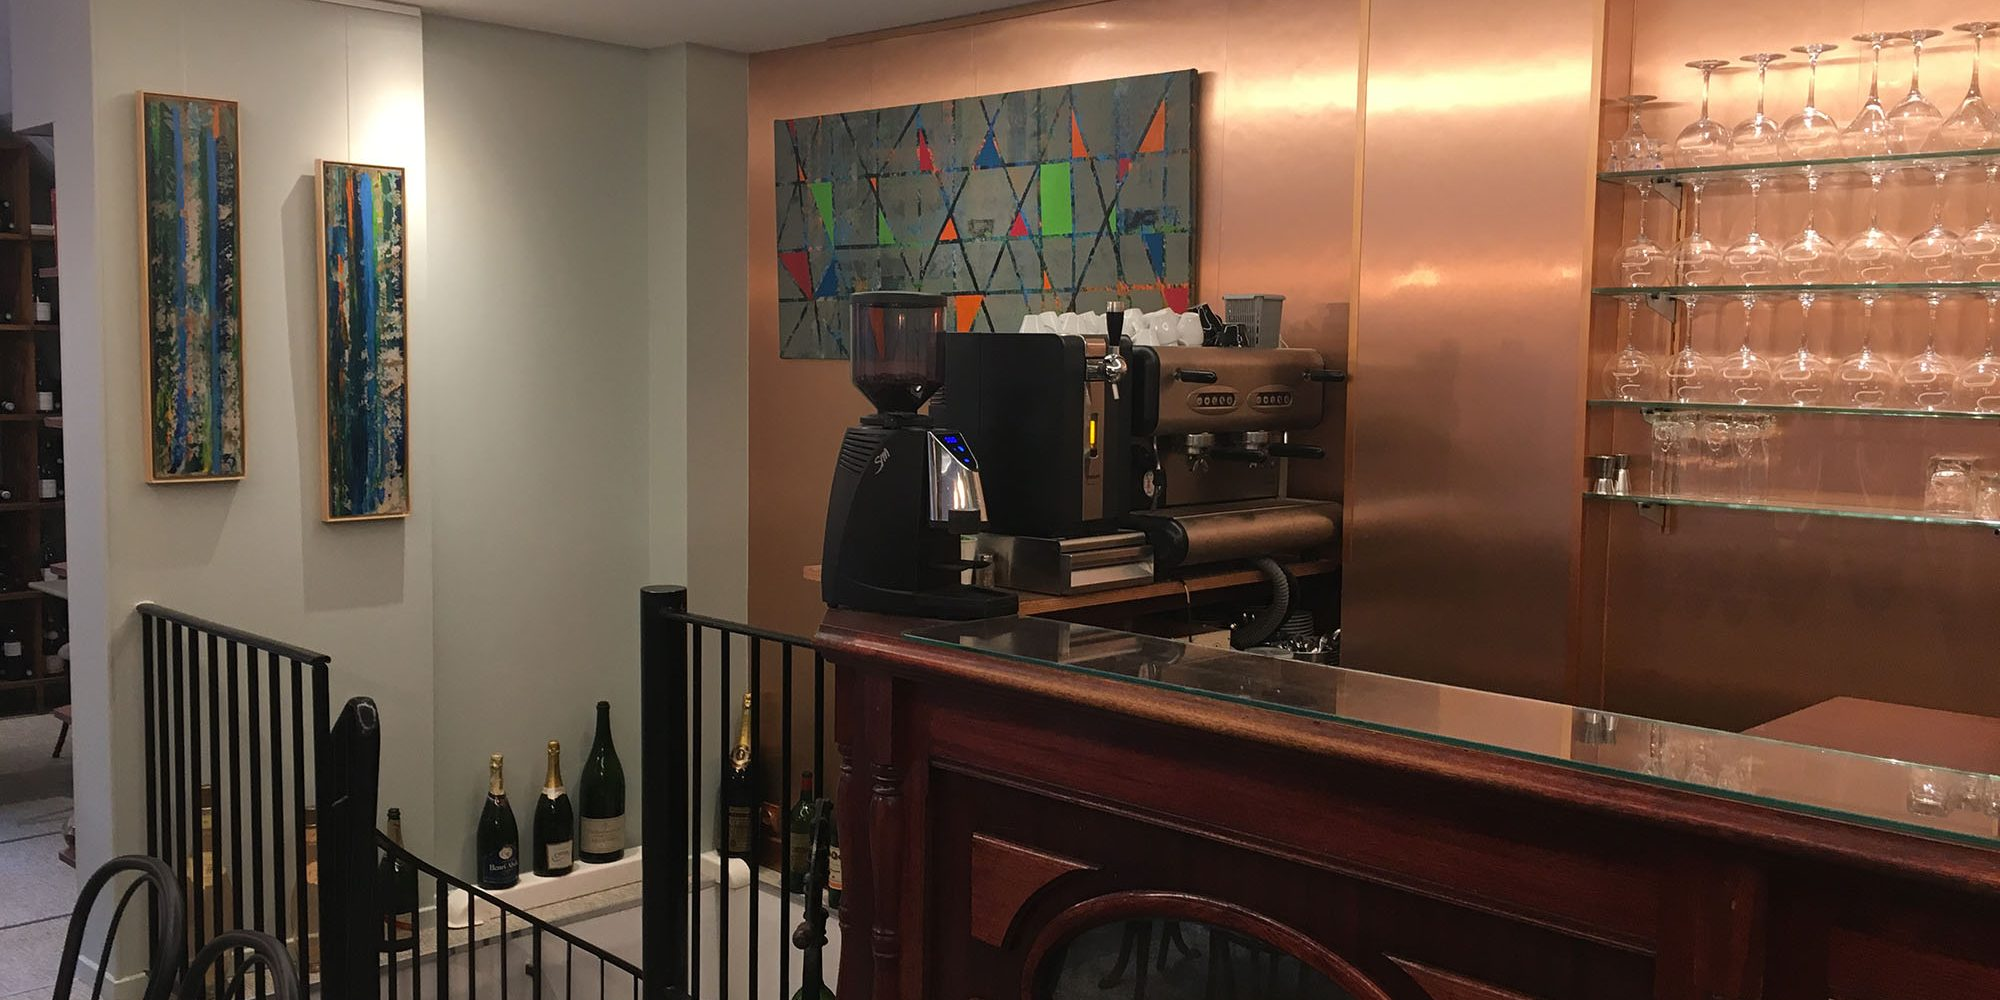 boutique-des-vins-paris-8-6